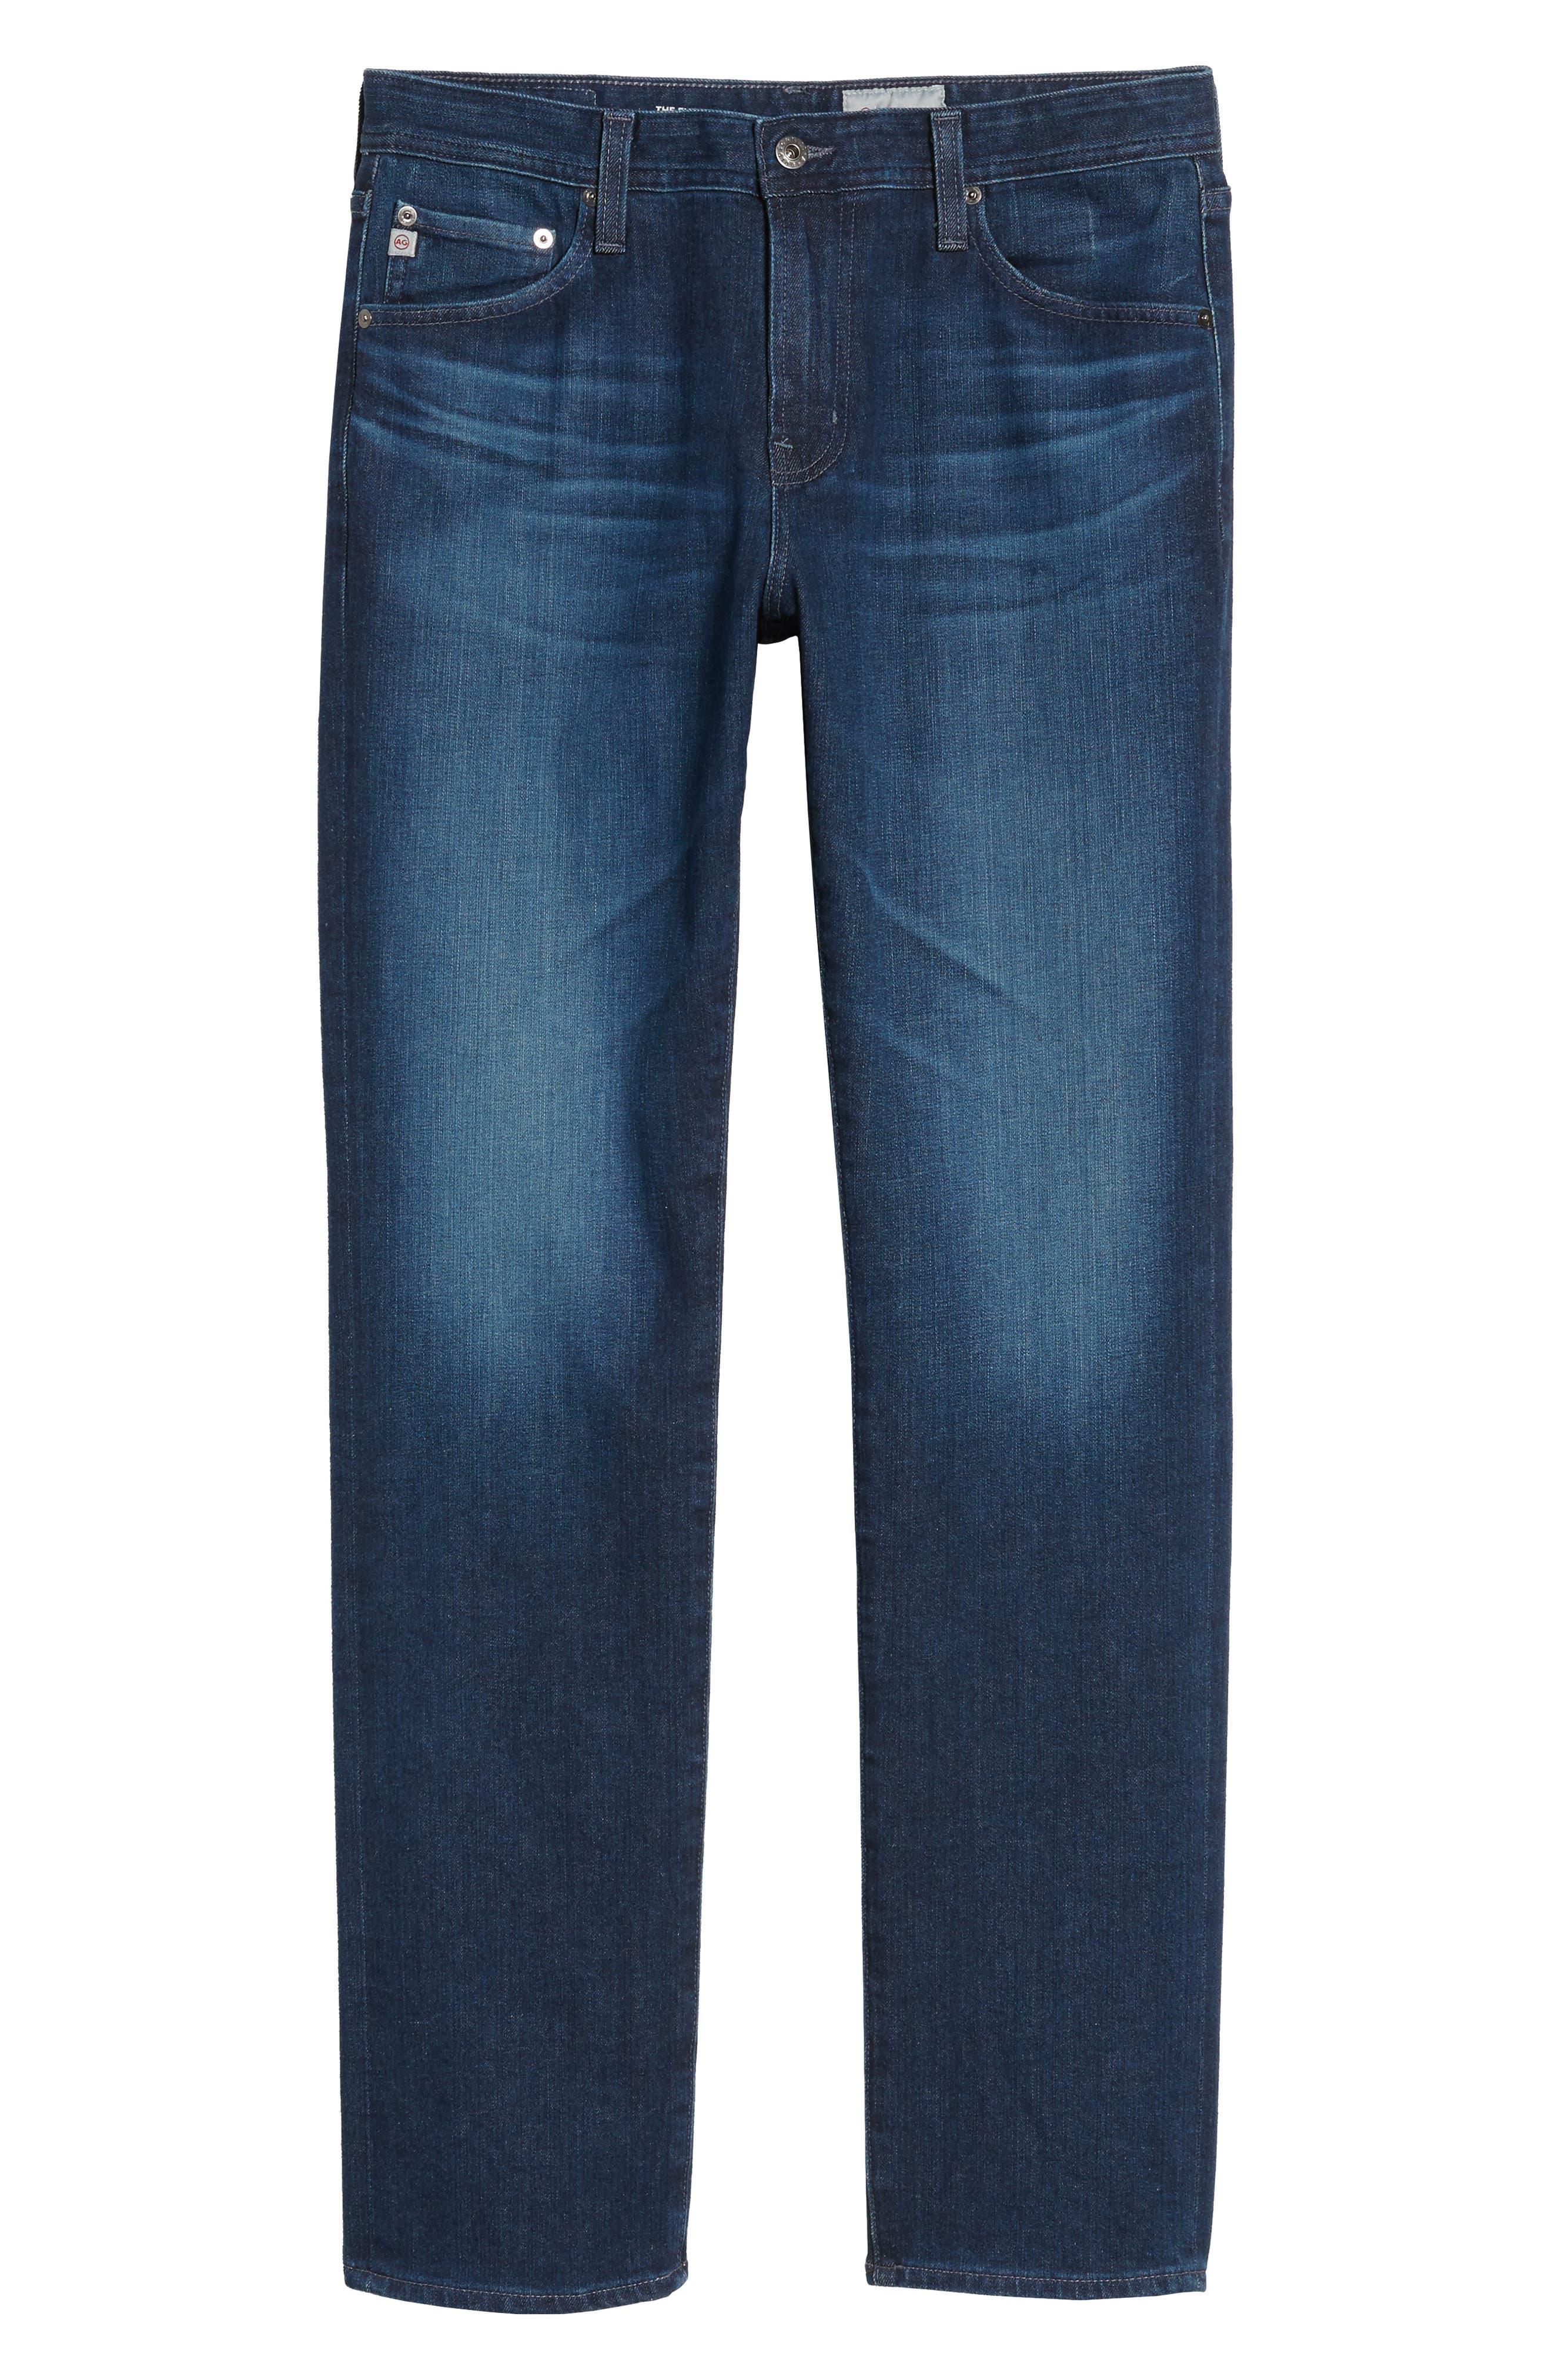 Everett Slim Straight Leg Jeans,                             Alternate thumbnail 6, color,                             Cross Creek